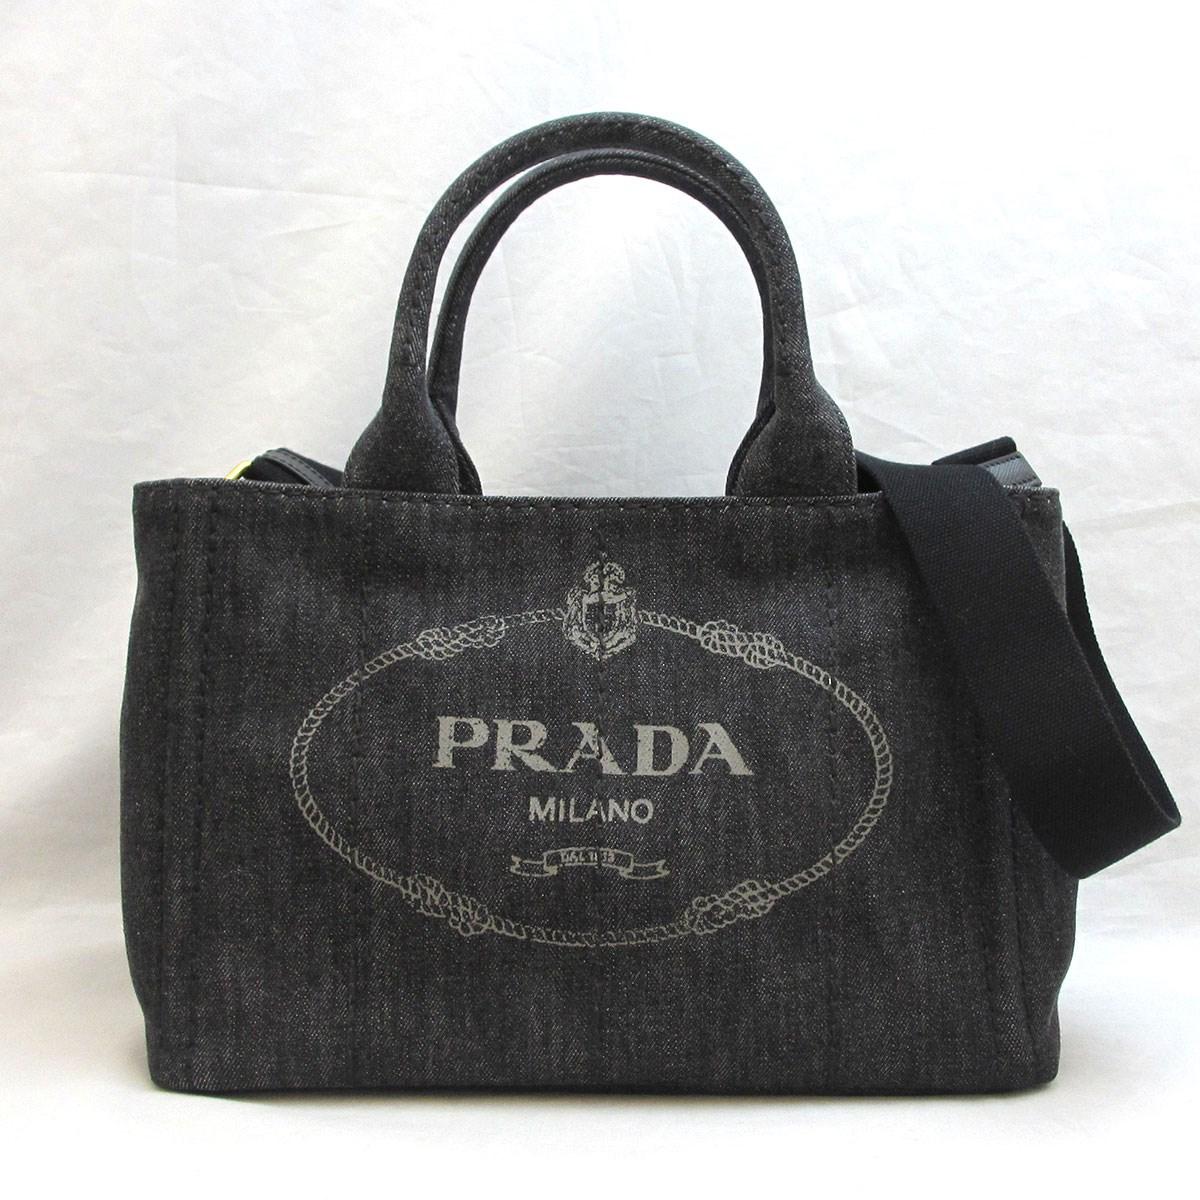 プラダ バッグ カナパトートPM キャンバス ブラック系 Aランク レディース ハンドバッグ トートバッグ 1BG439 PRADA あす楽 中古 六甲道店